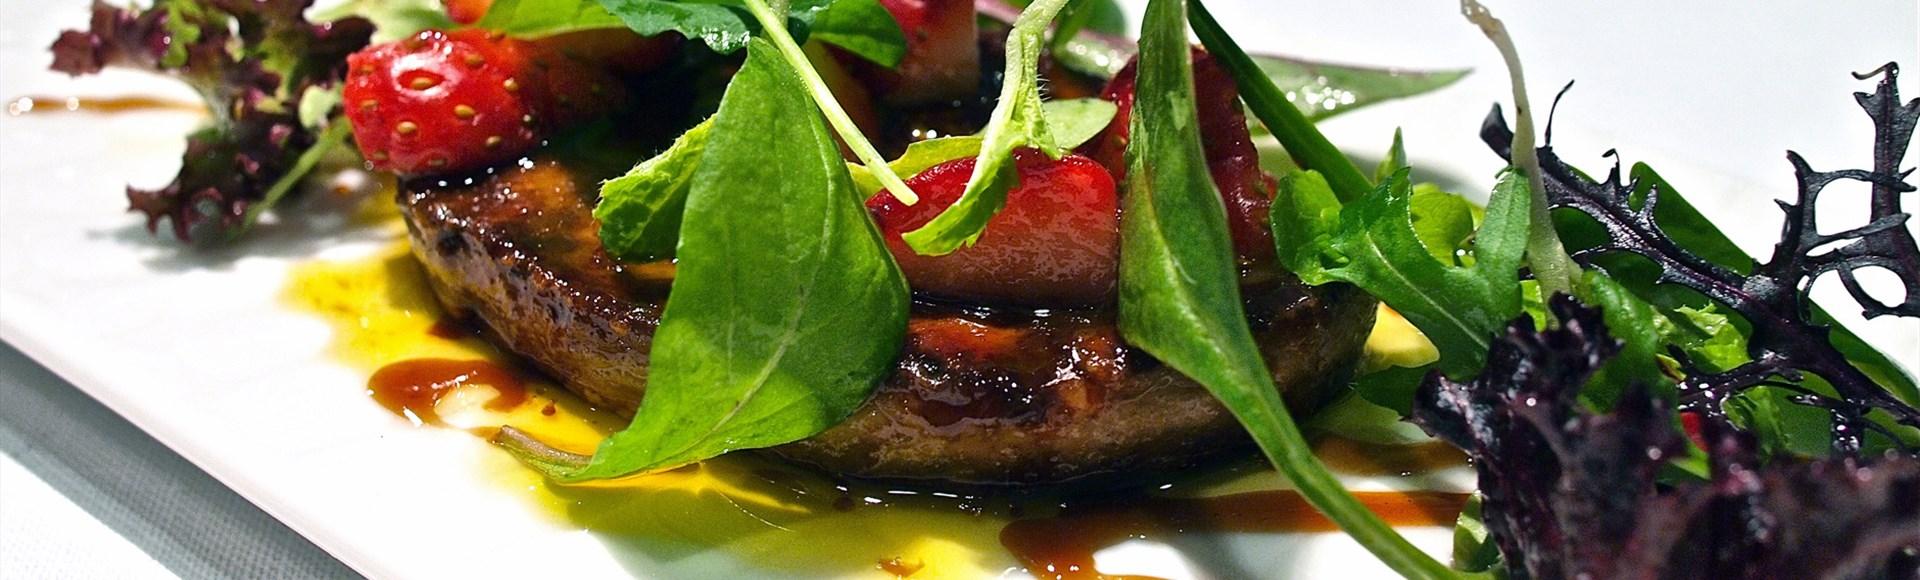 mediterranean-menu-alargo-private-chef-manos-agios-nikolaos - Private Chef Service For Villas in Lasithi, Crete